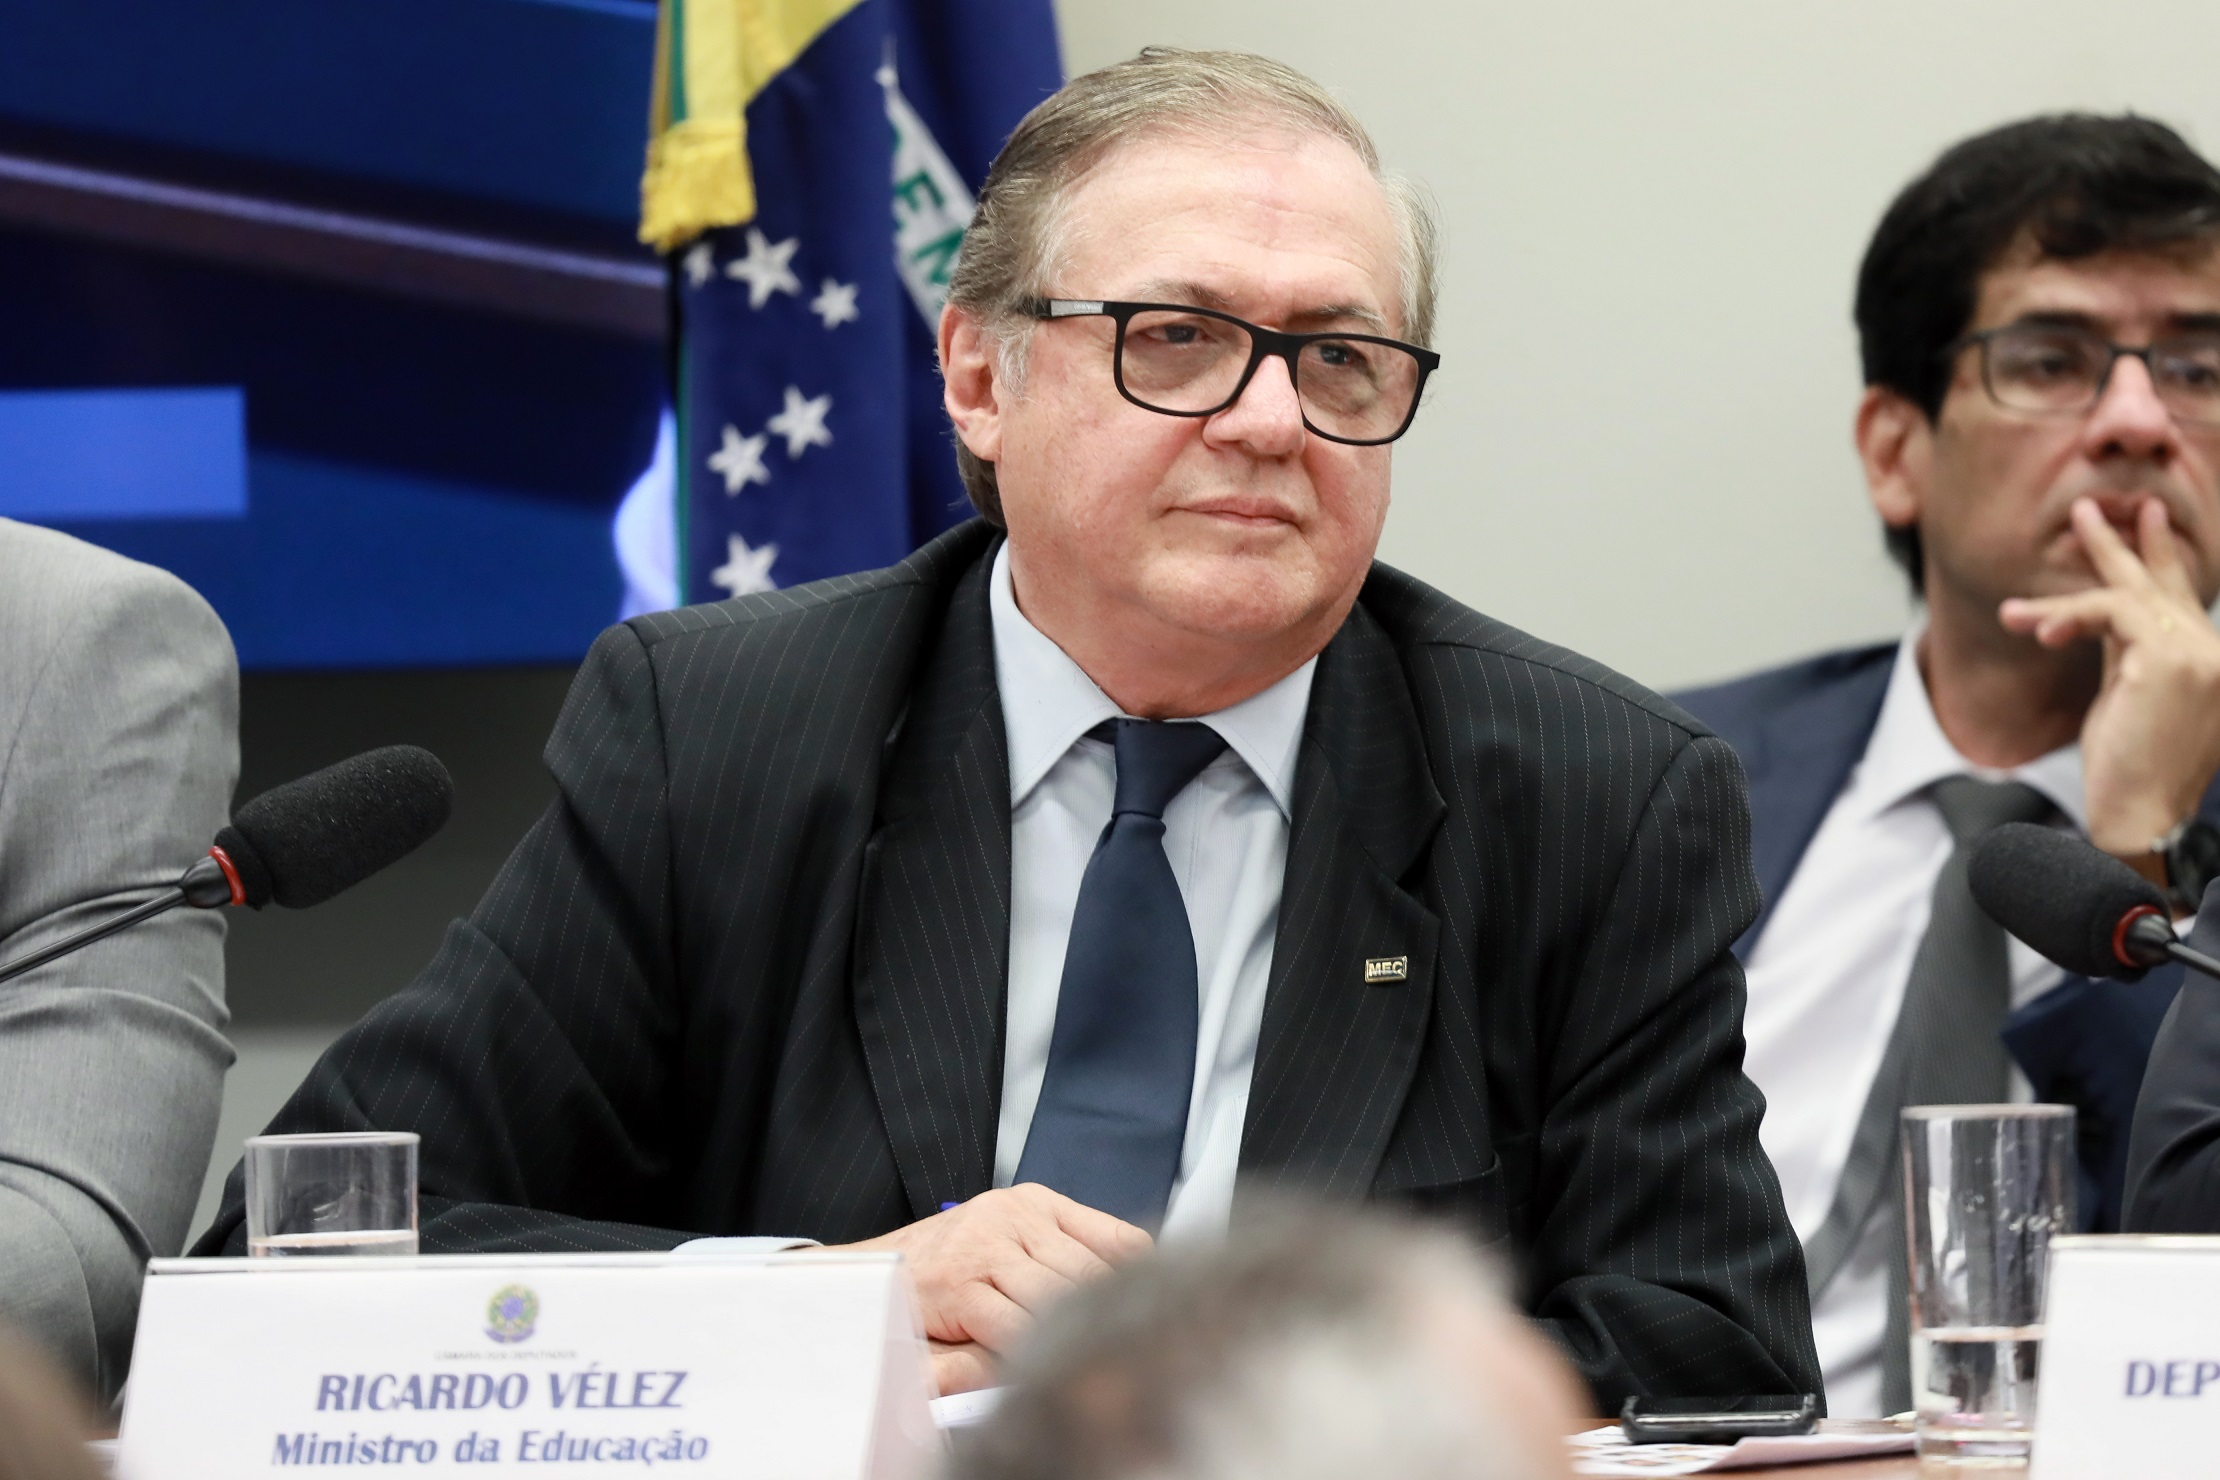 Vélez em sabatina na Comissão de Educação: apanhou, mas foi segurado. Foto: Cleia Viana/Câmara dos Deputados